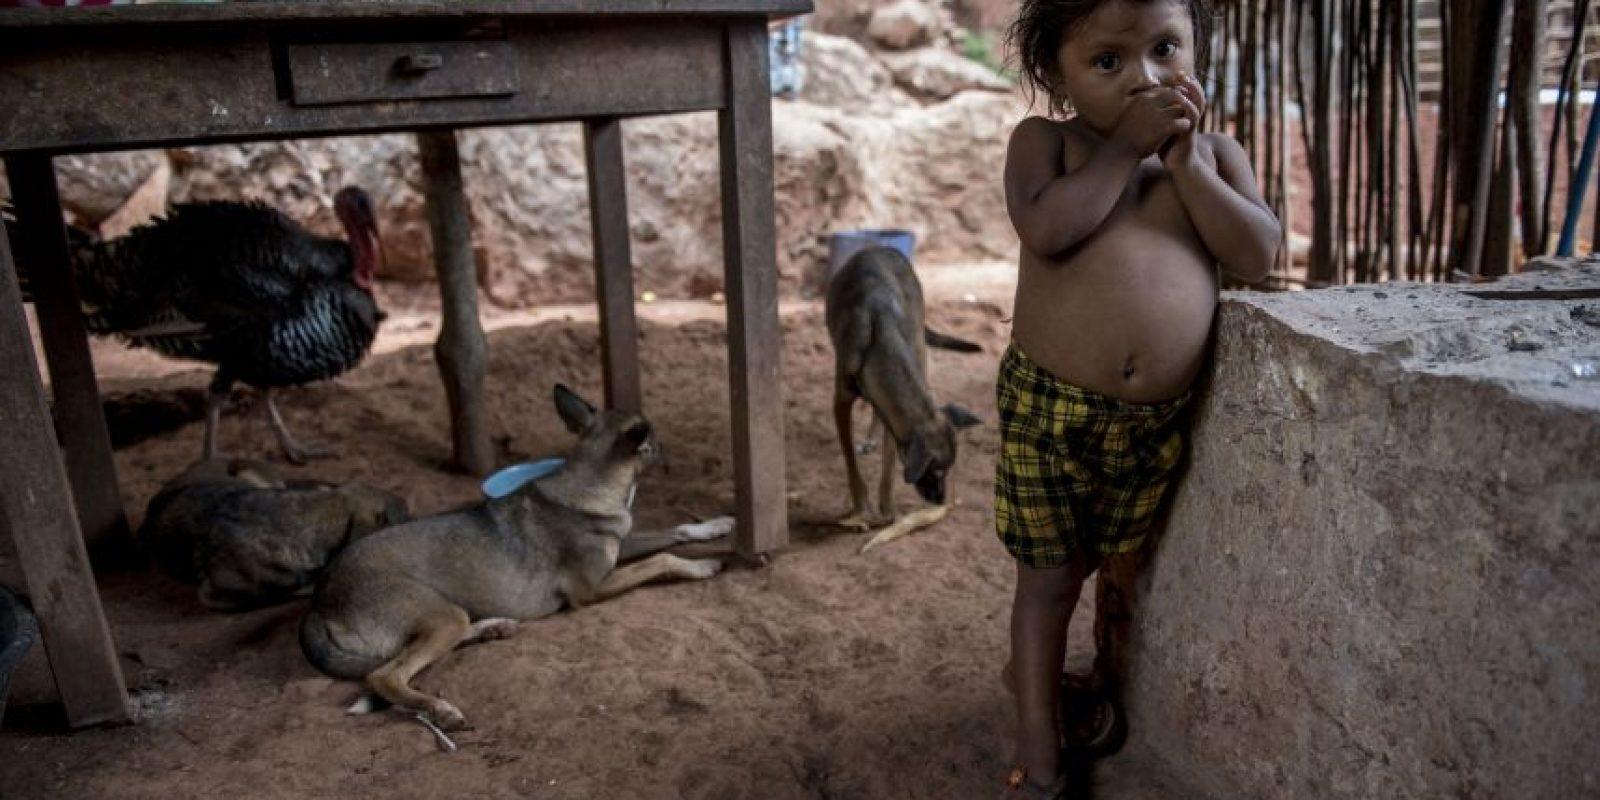 El abdomen abombado evidencia desnutrición tipo Kwashiorkor en niñas y niños. Foto:Oliver de Ros